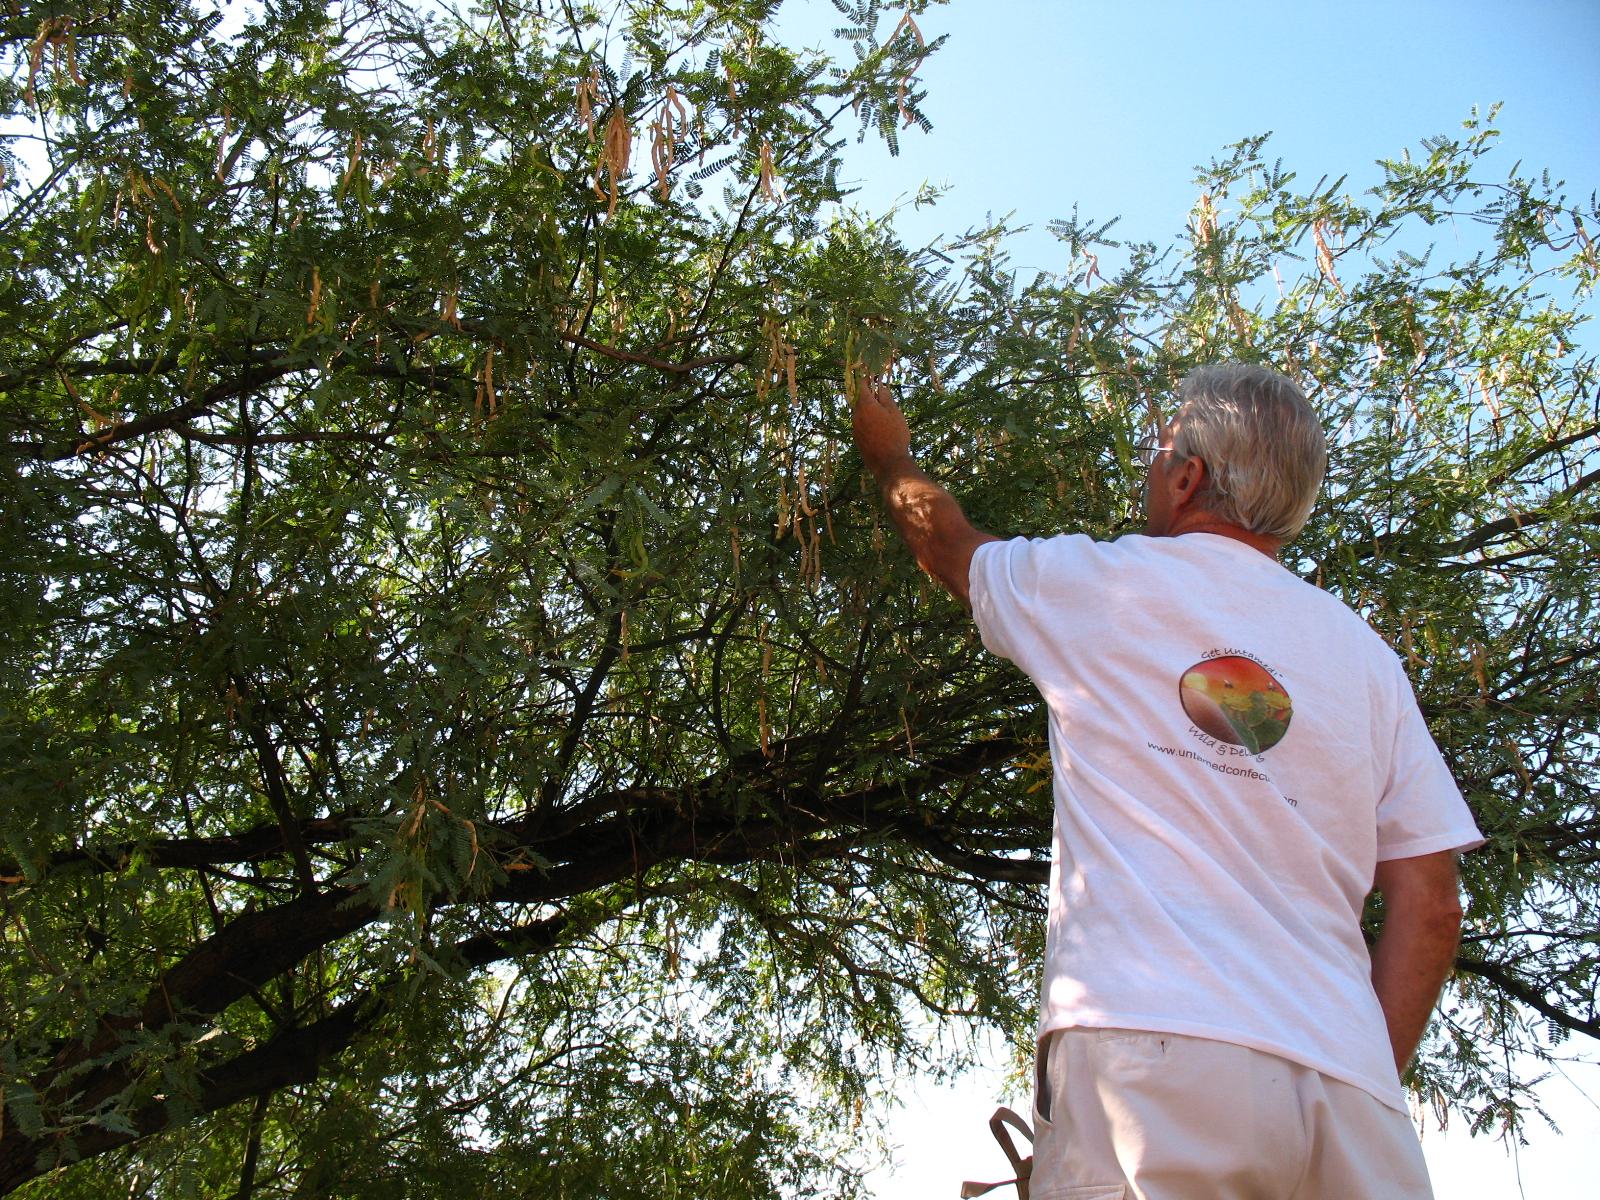 Tom harvesting Mesquite Beans